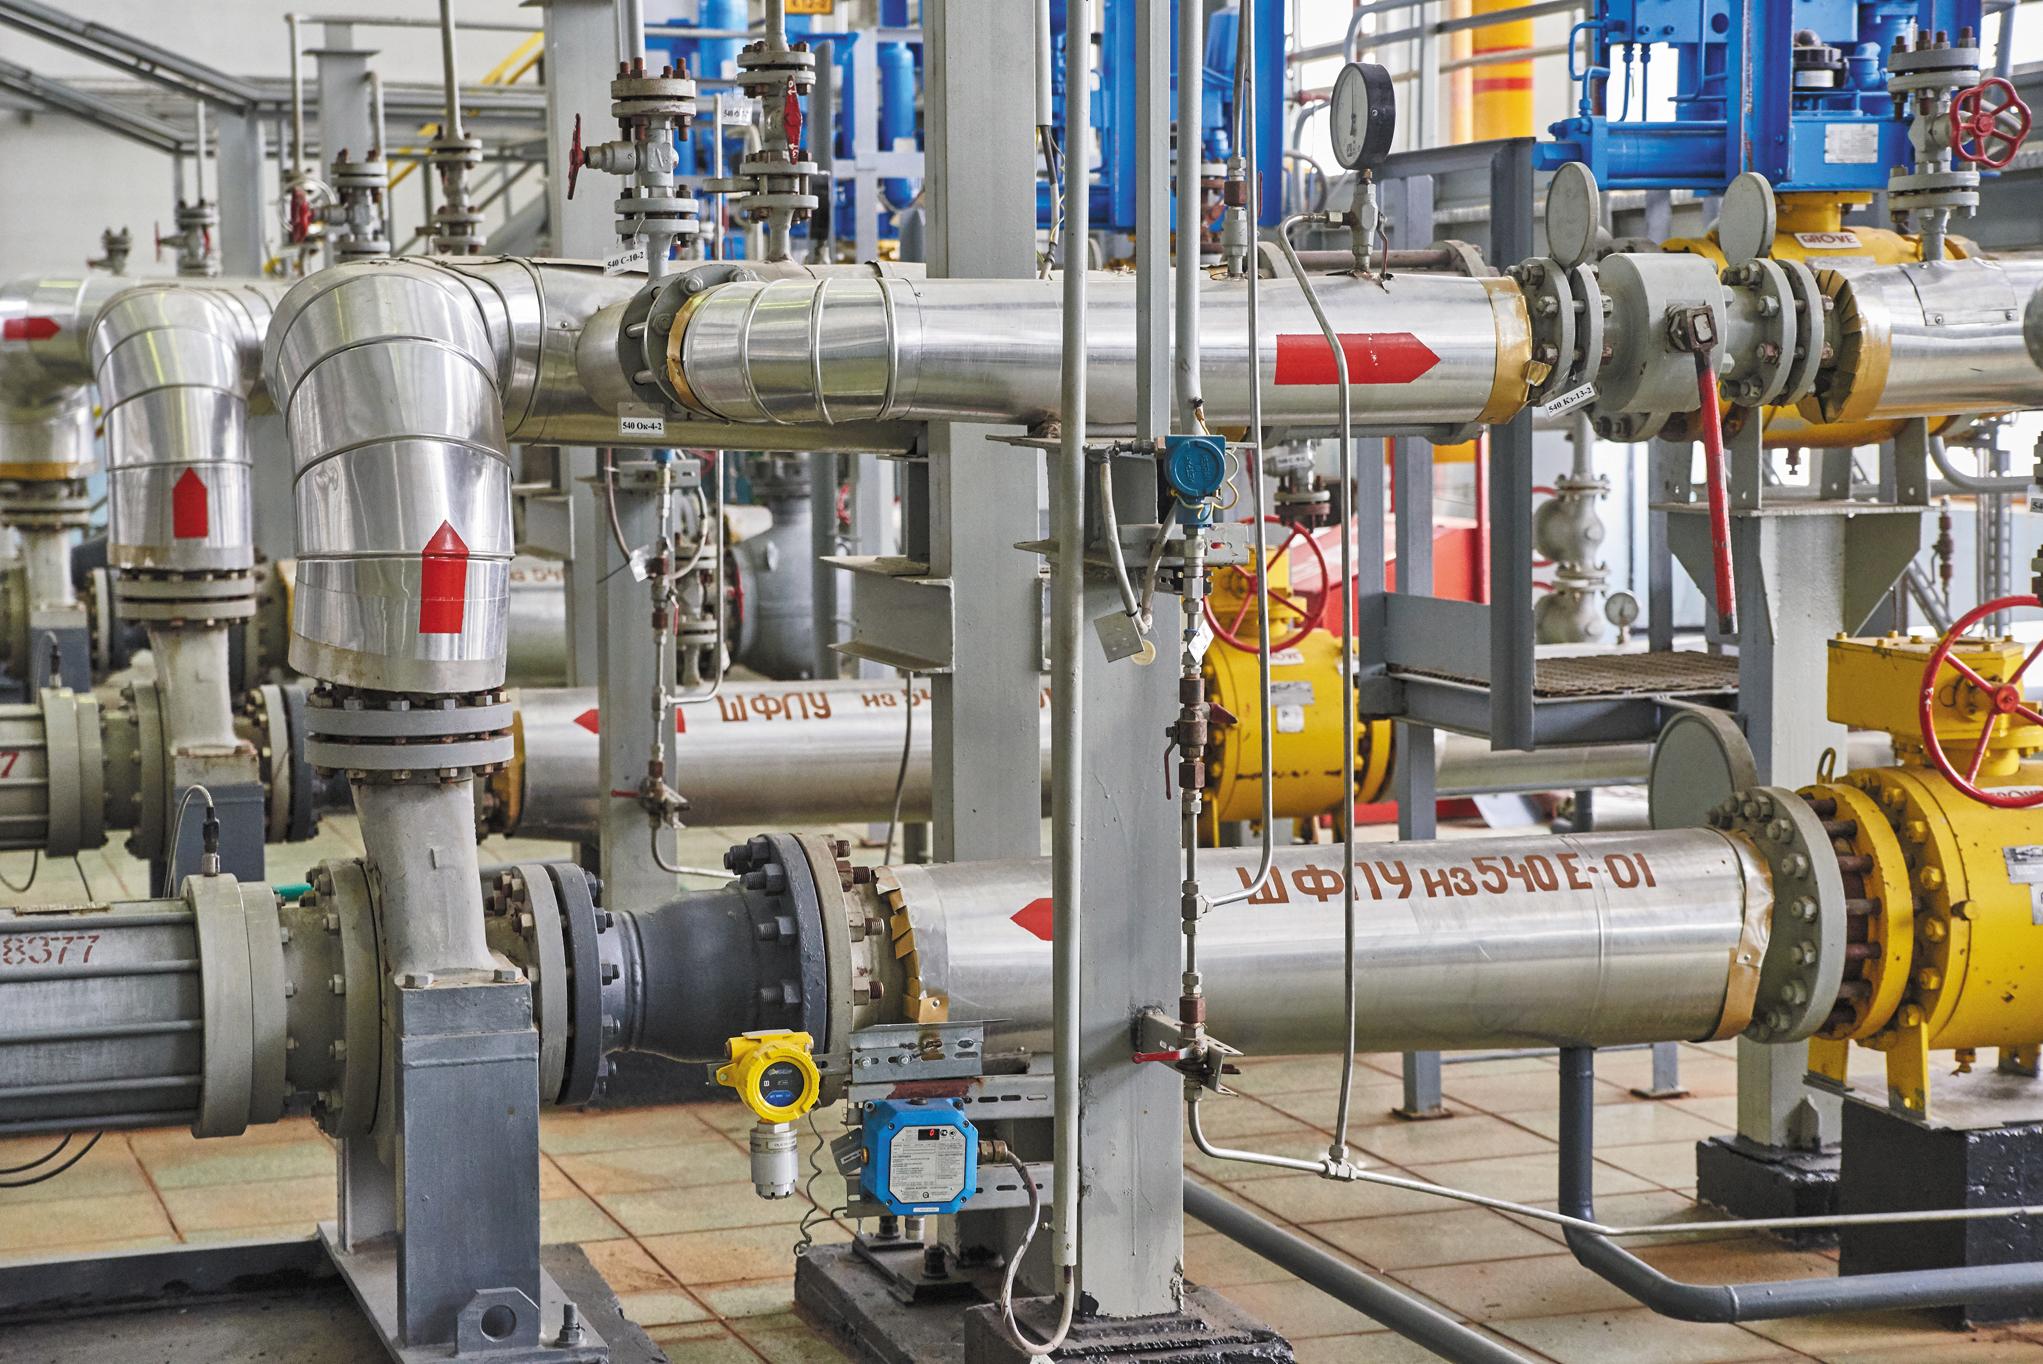 А вот ШФЛУ со всех гелиевых блоков поступает на установку №26, где происходит очистка от сернистых соединений, а также получение товарных сжиженных углеводородных газов и пентан-гексановой фракции.